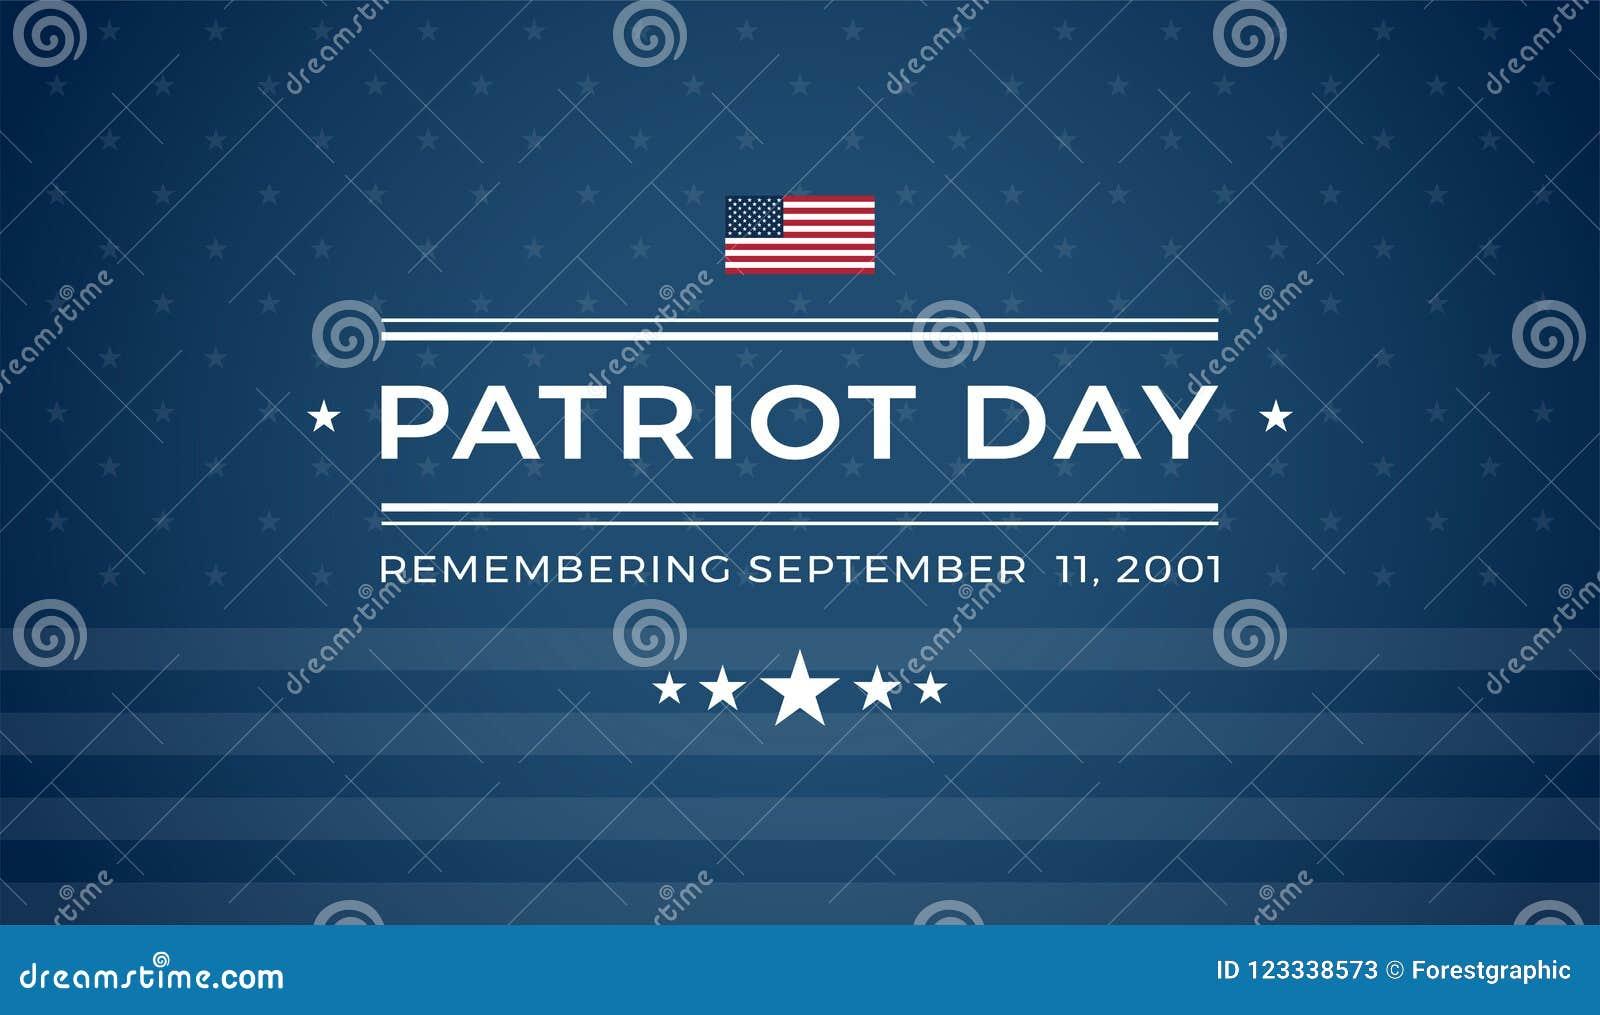 Remembering September 11, 2001 PDF Free Download